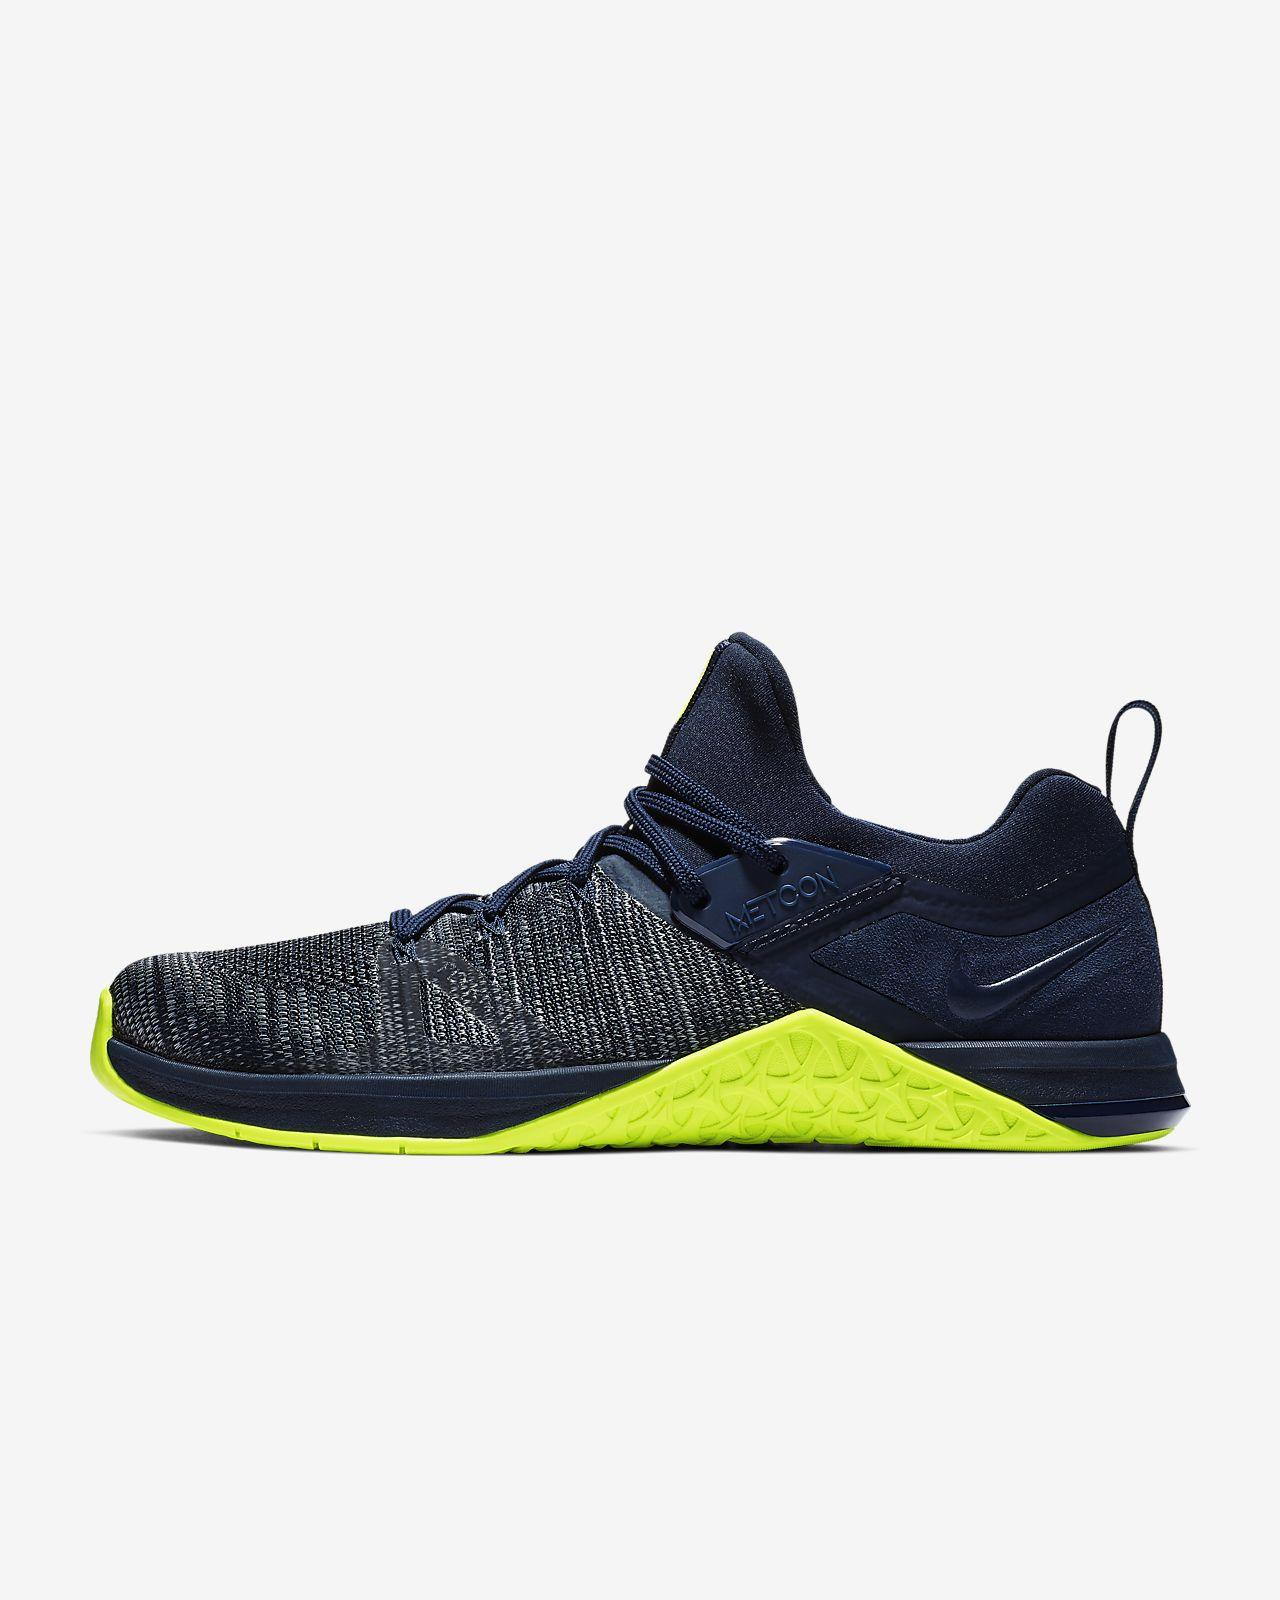 fa112050379e4 Nike Metcon Flyknit 3 Men s Cross-Training Weightlifting Shoe. Nike ...